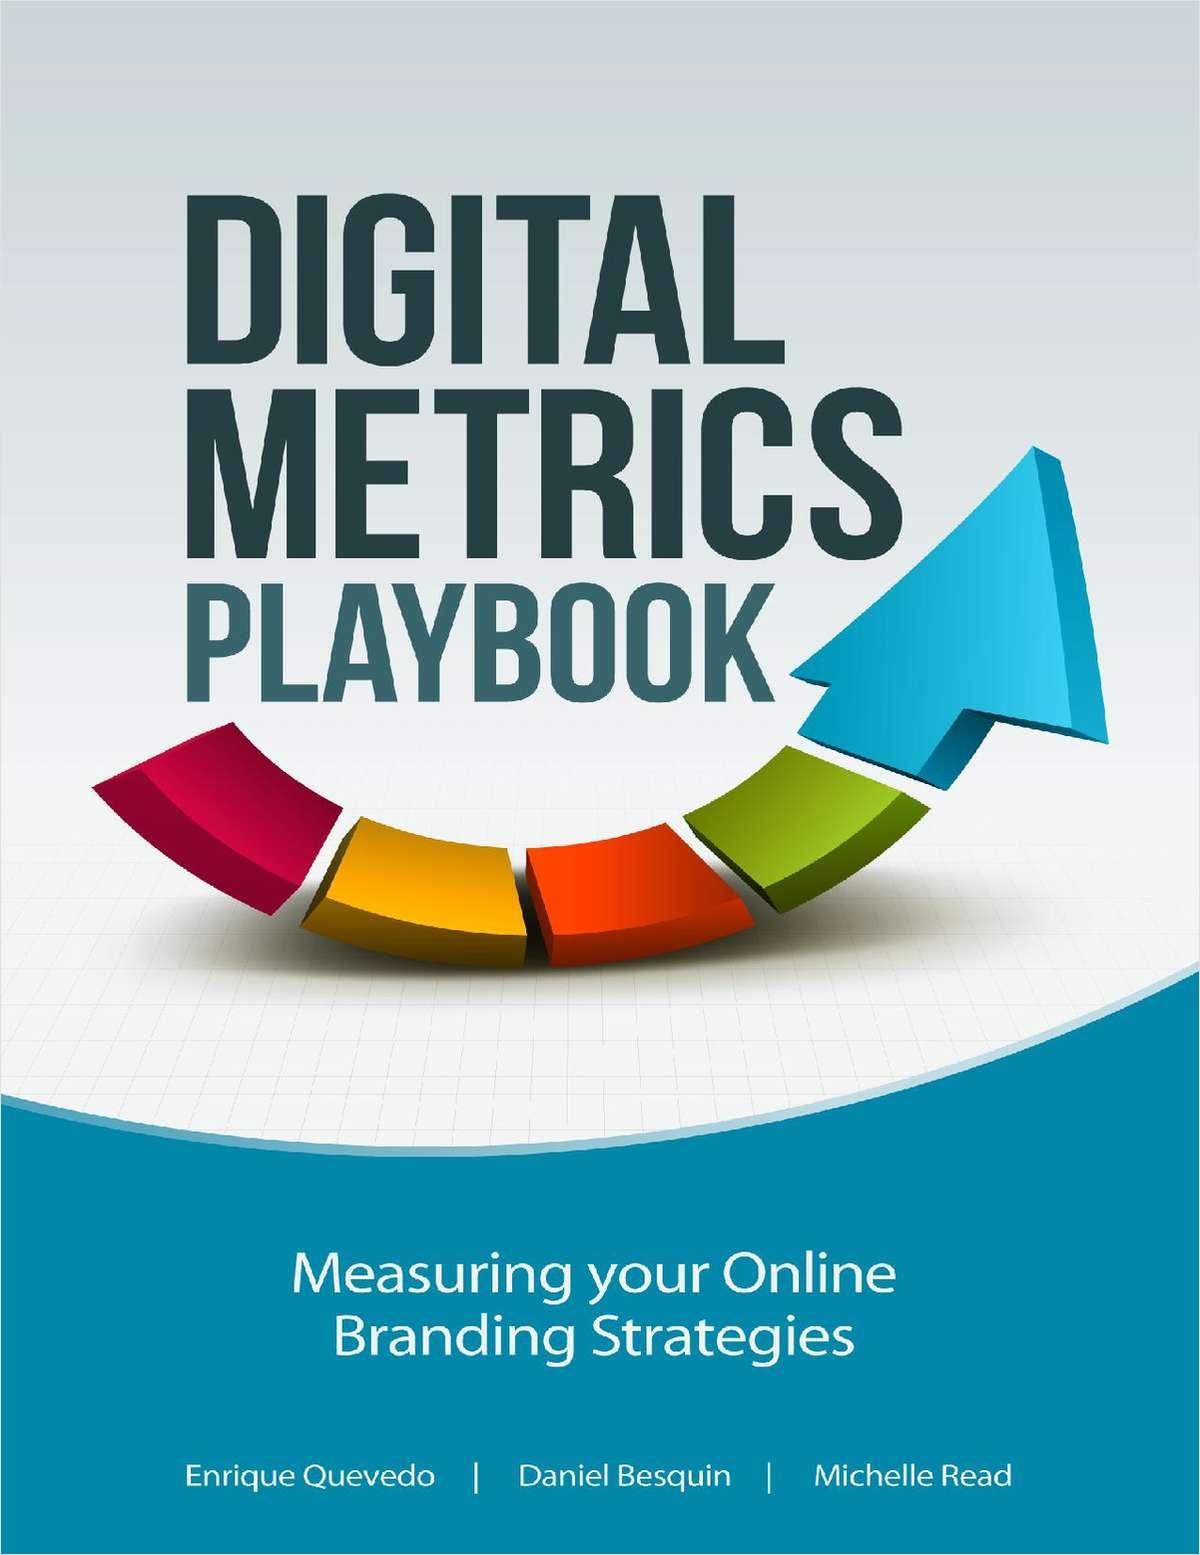 Digital Metrics Playbook: Measuring your Online Branding Strategies